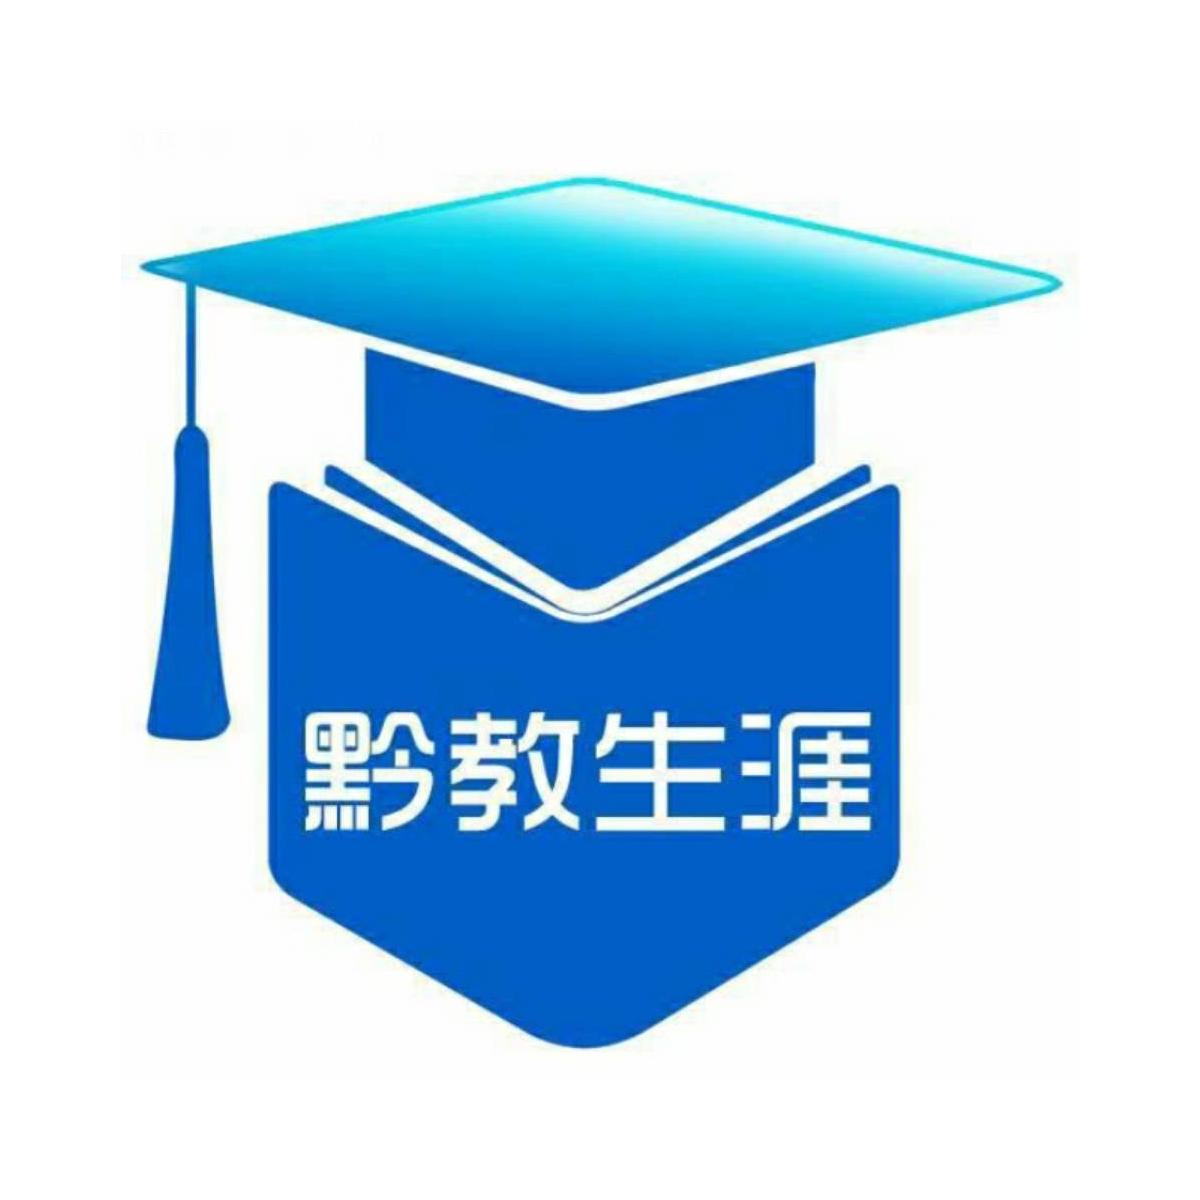 黔教生涯-国际留学组